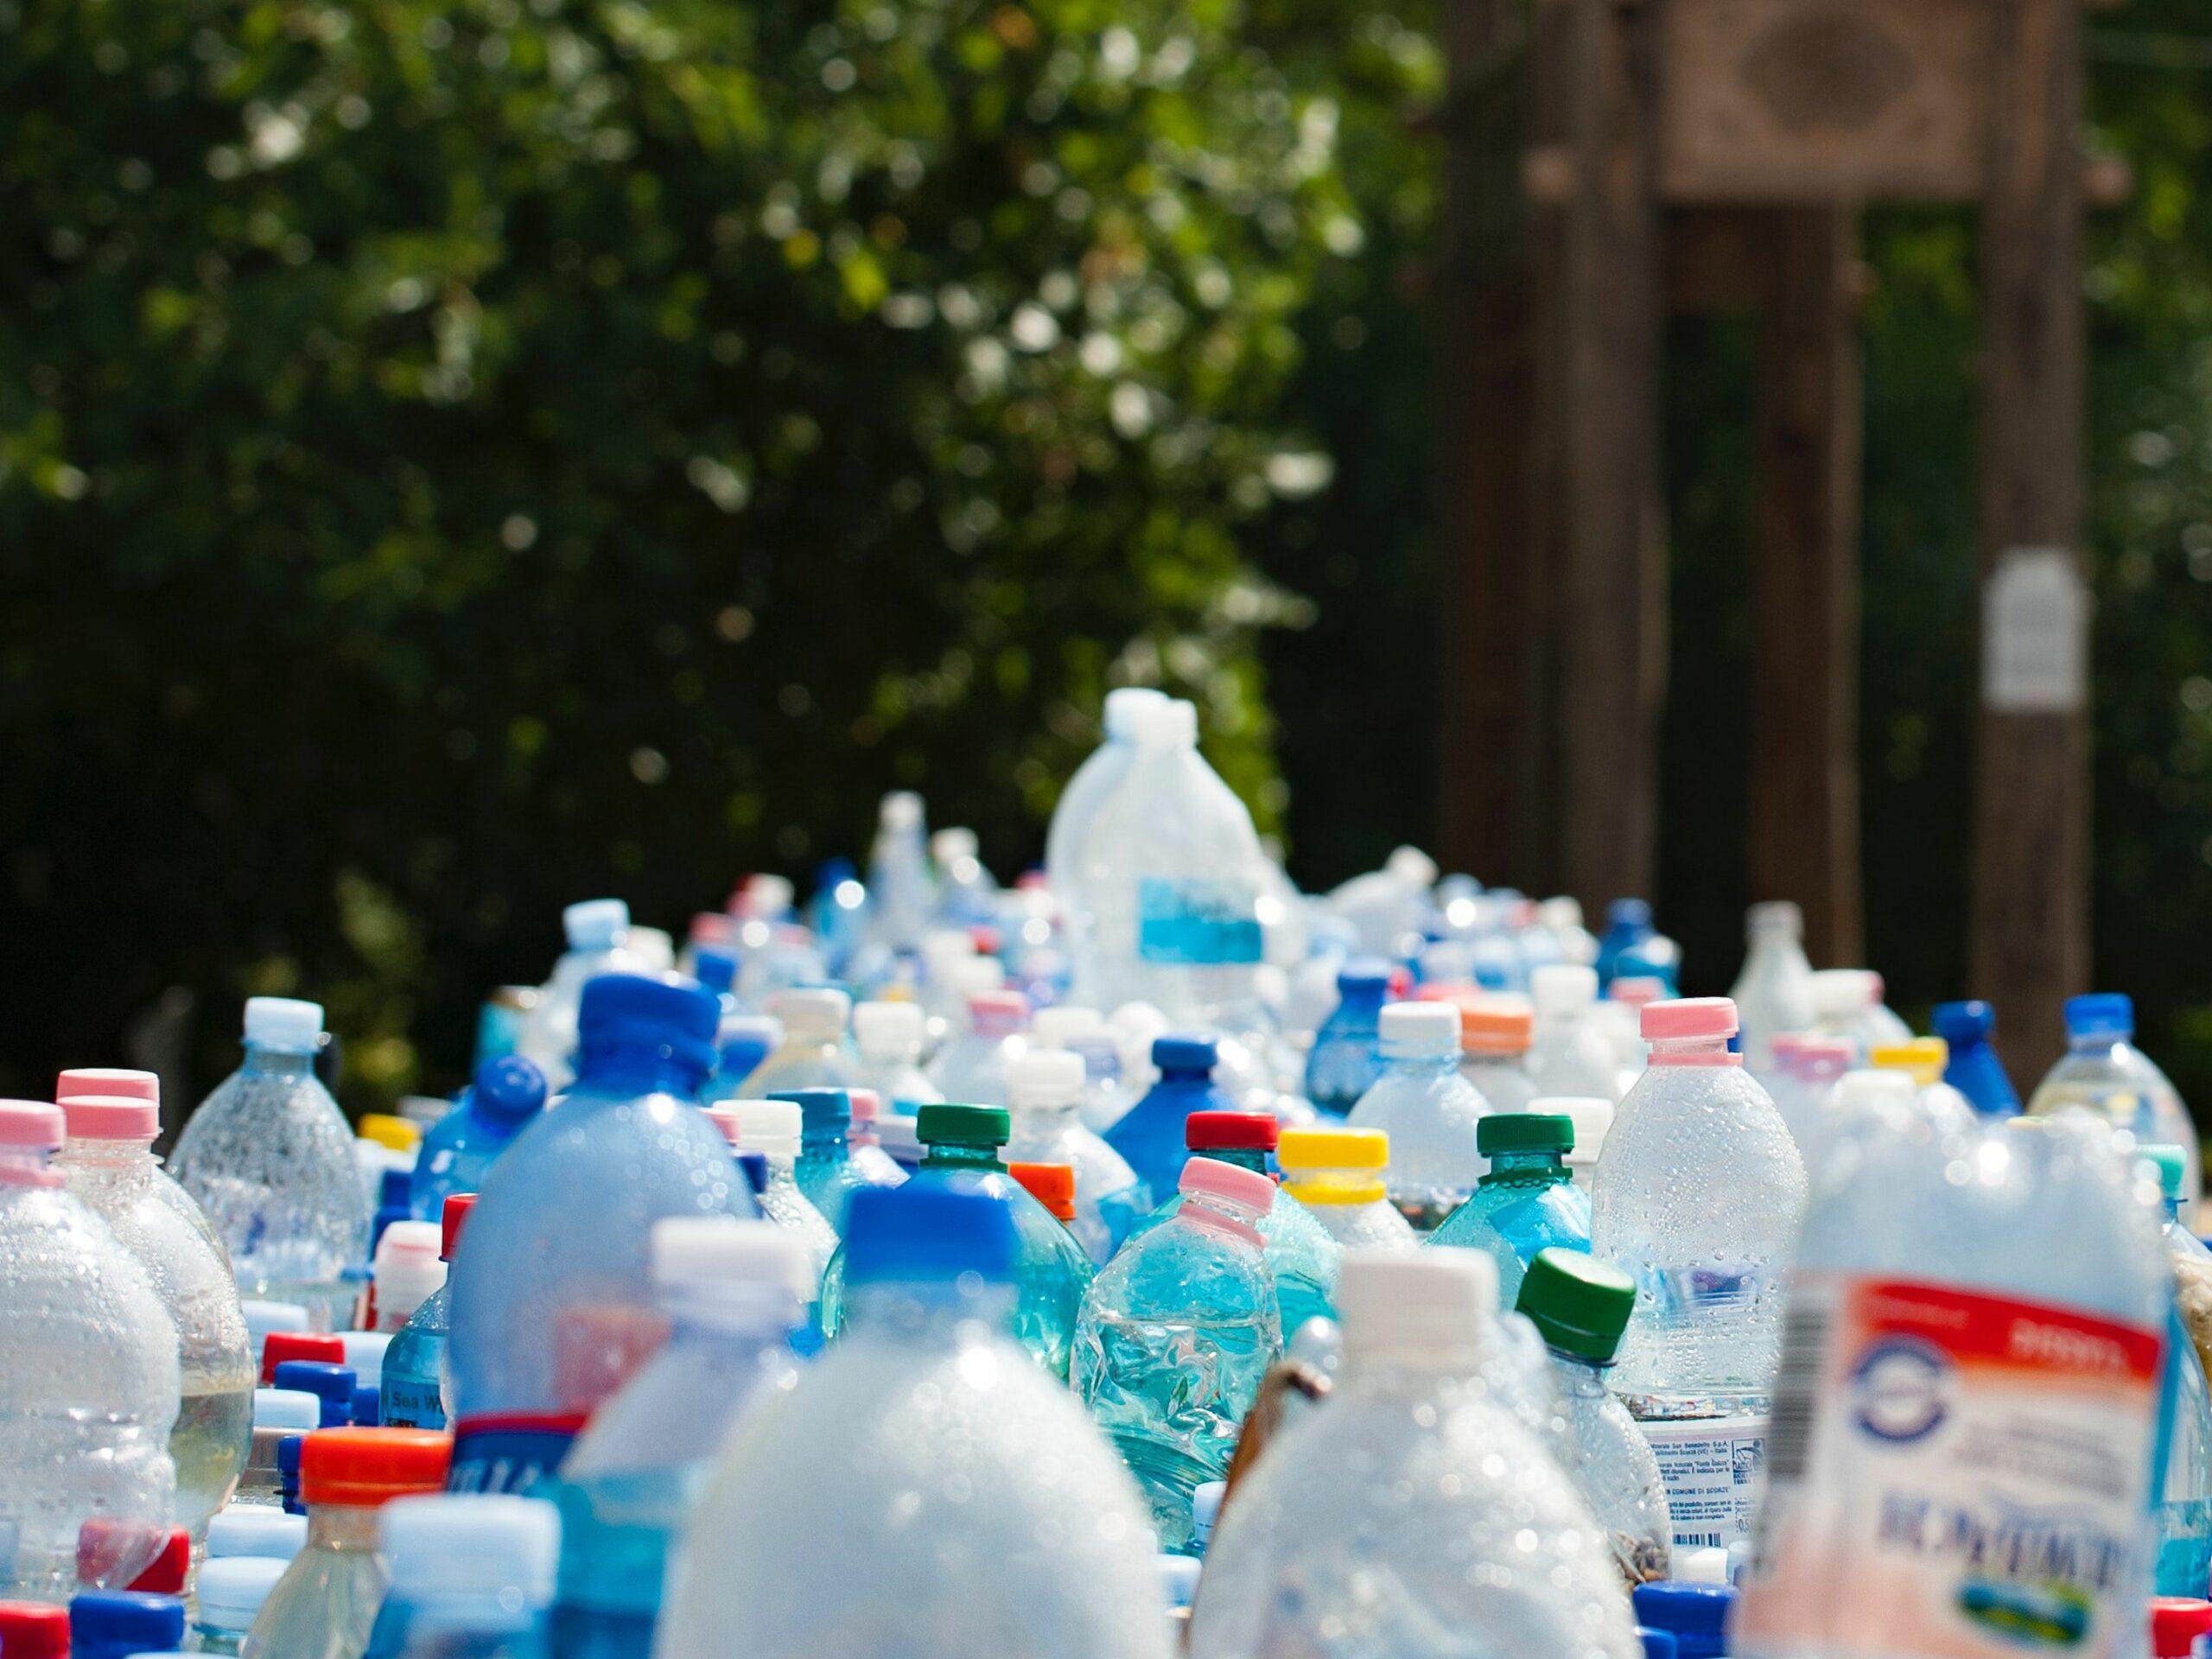 В России могут запретить производство одноразовых товаров из пластика в 2024 году